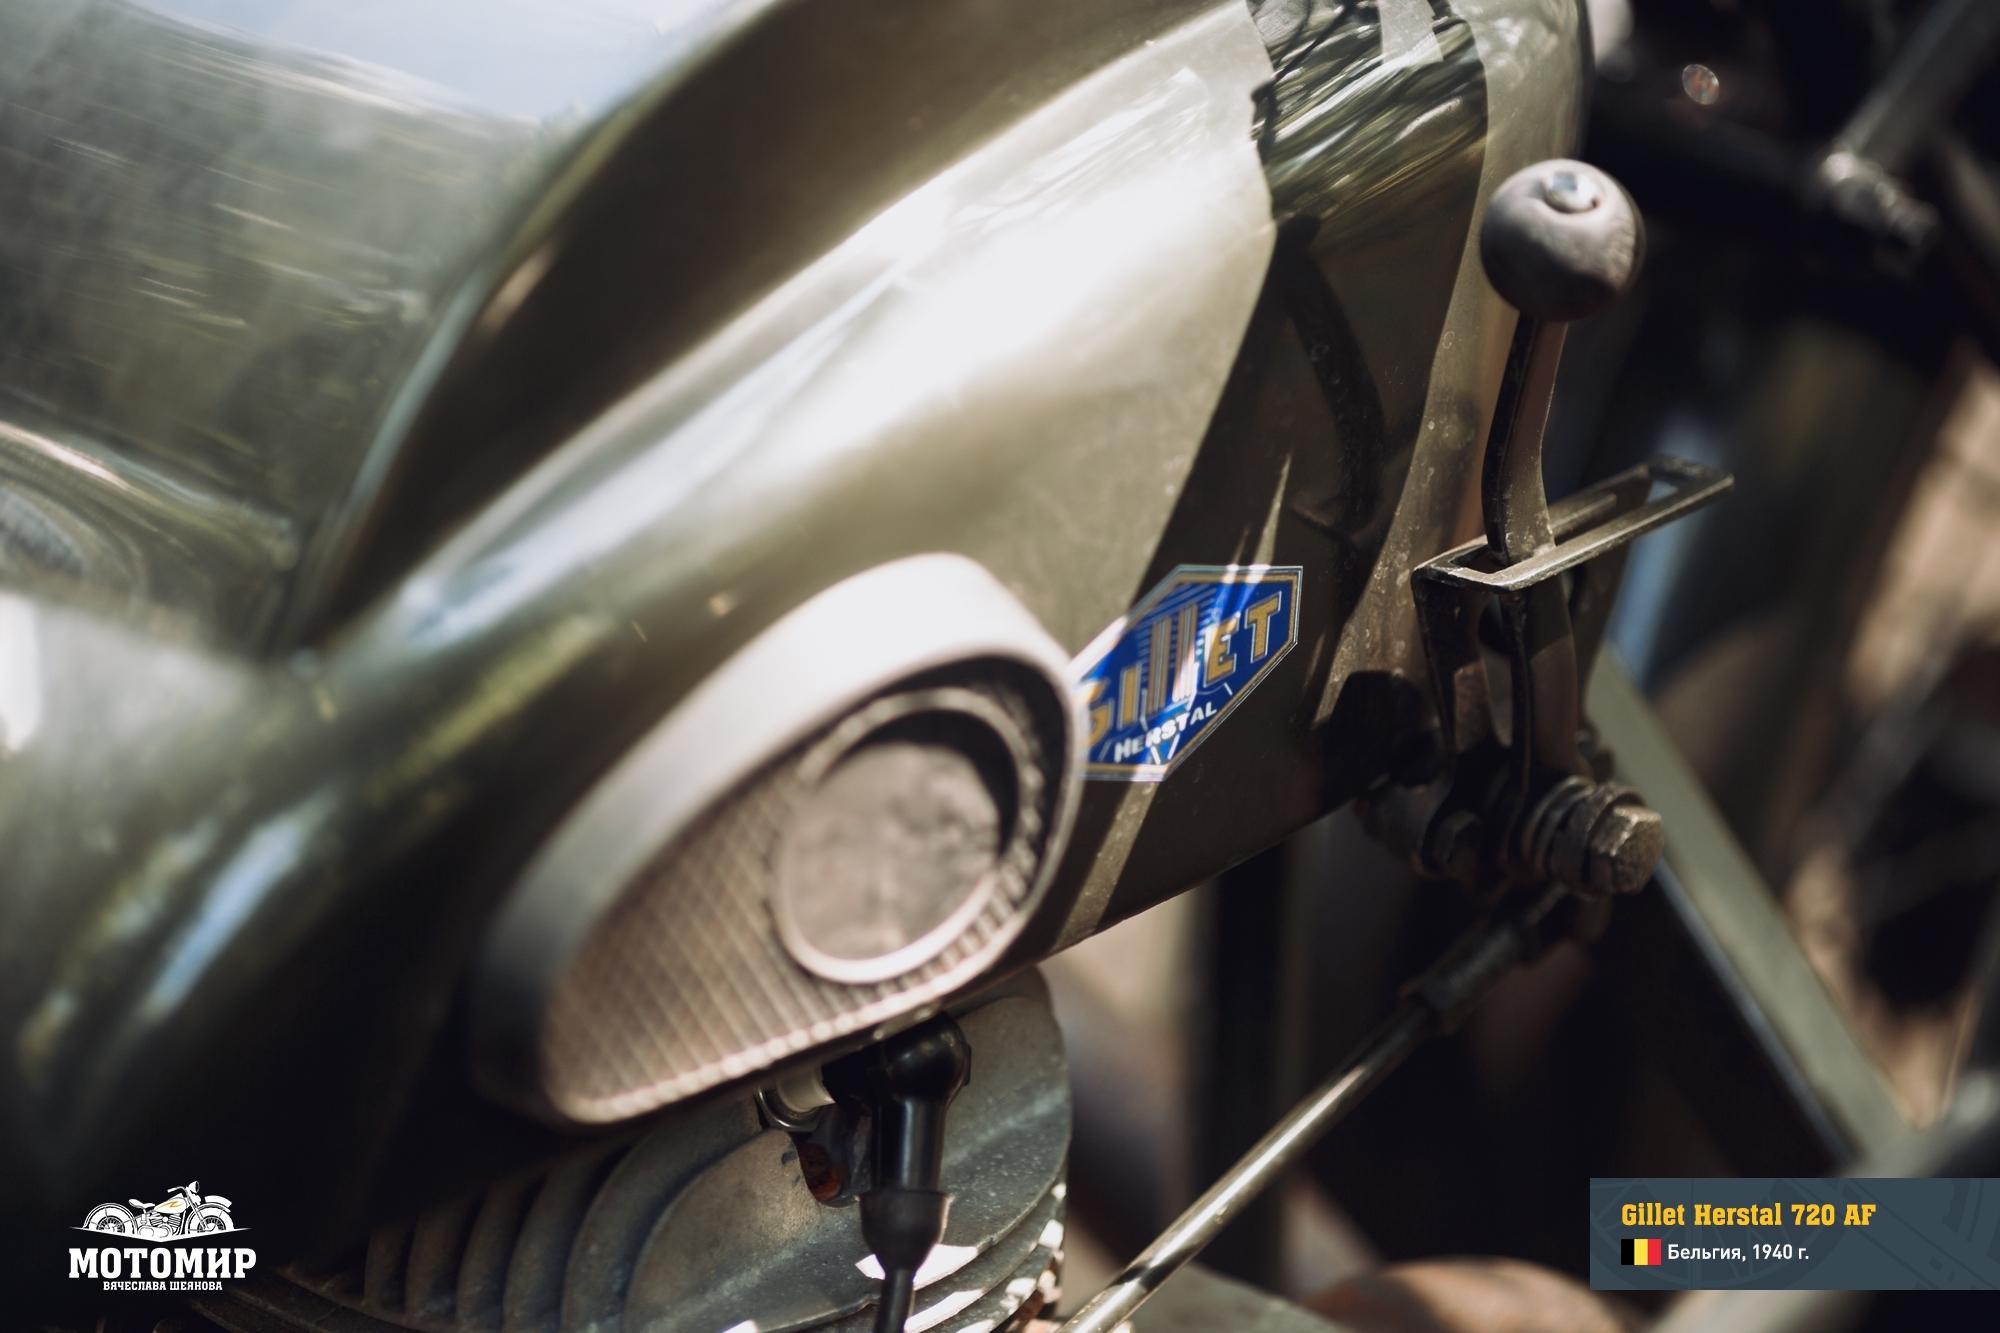 gillet-herstal-720-af-201505-web-15